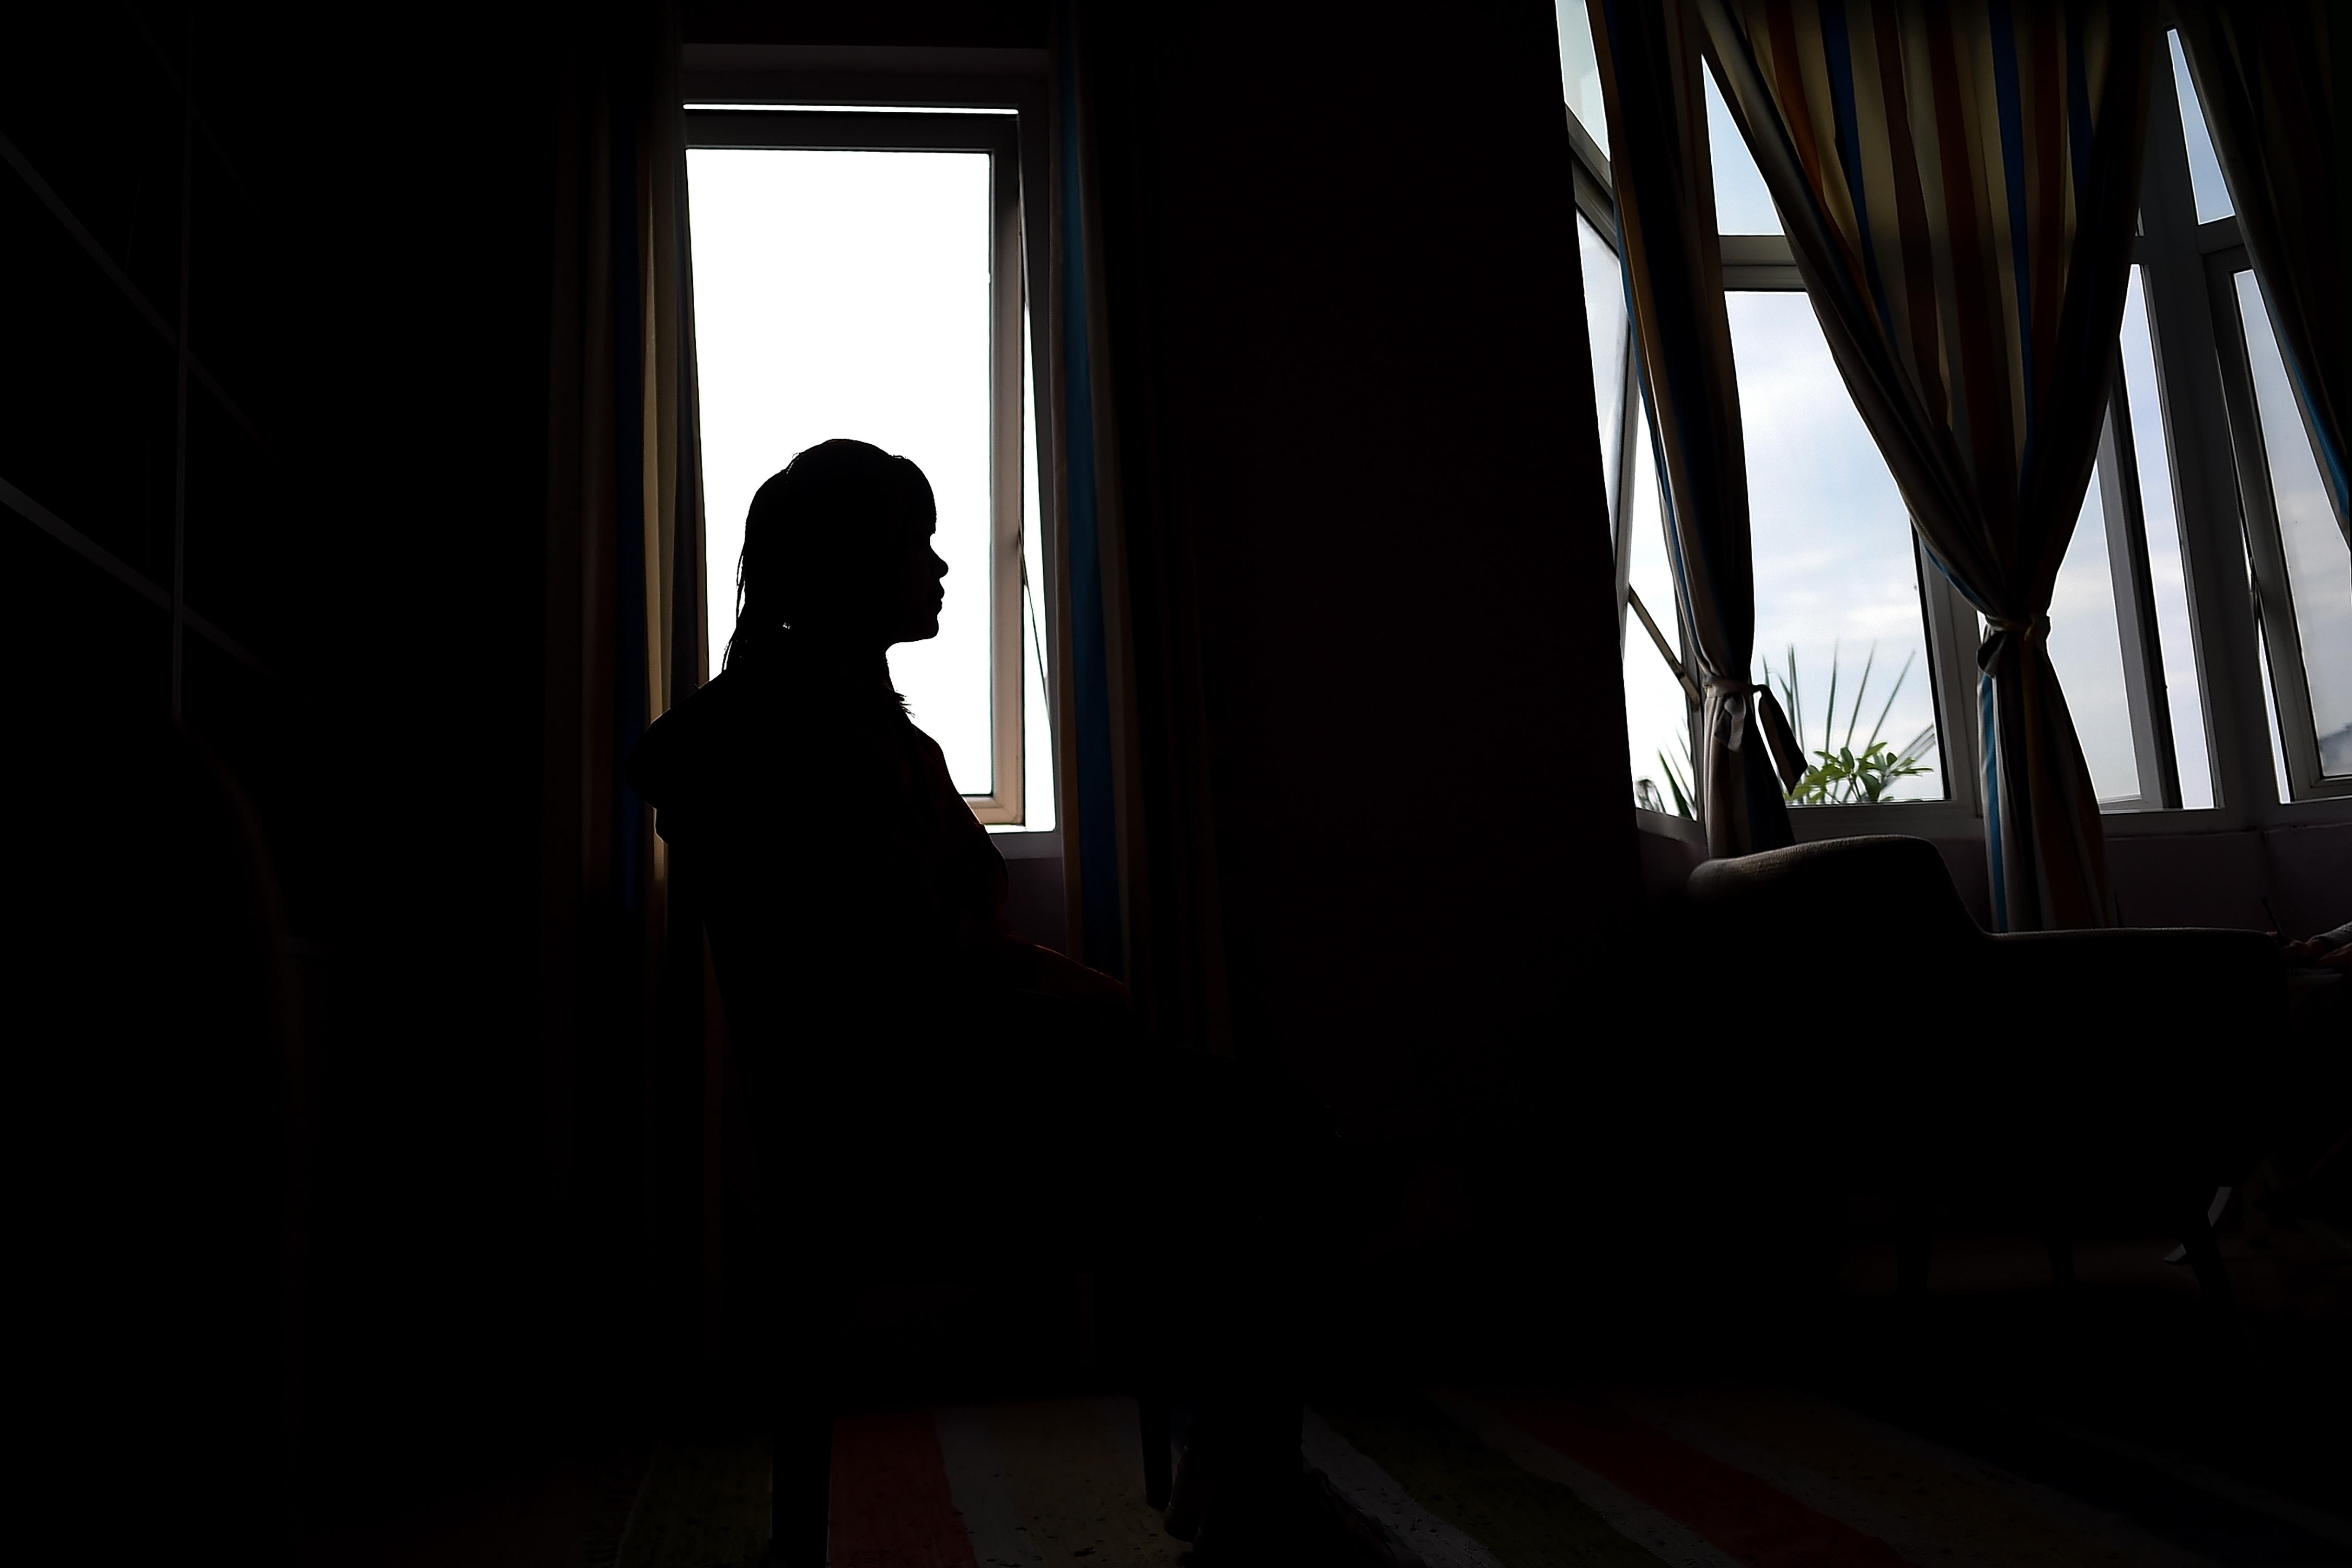 Tettünk egy lépést előre, de még mindig büntethetők a prostitúcióra kényszerített gyerekek